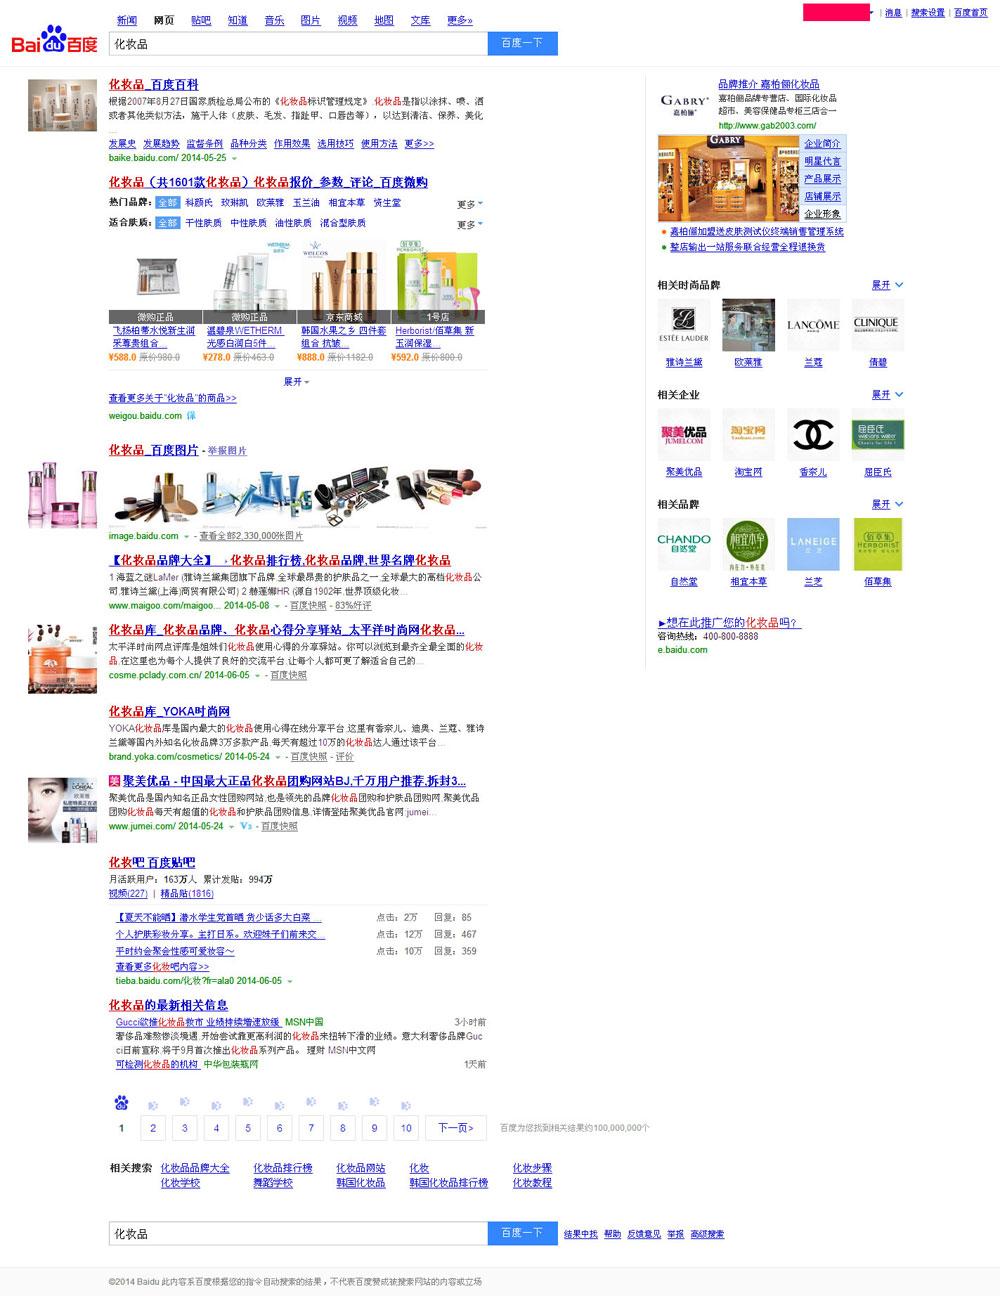 百度搜索结果展现样式的改变,是否有利于用户体验?